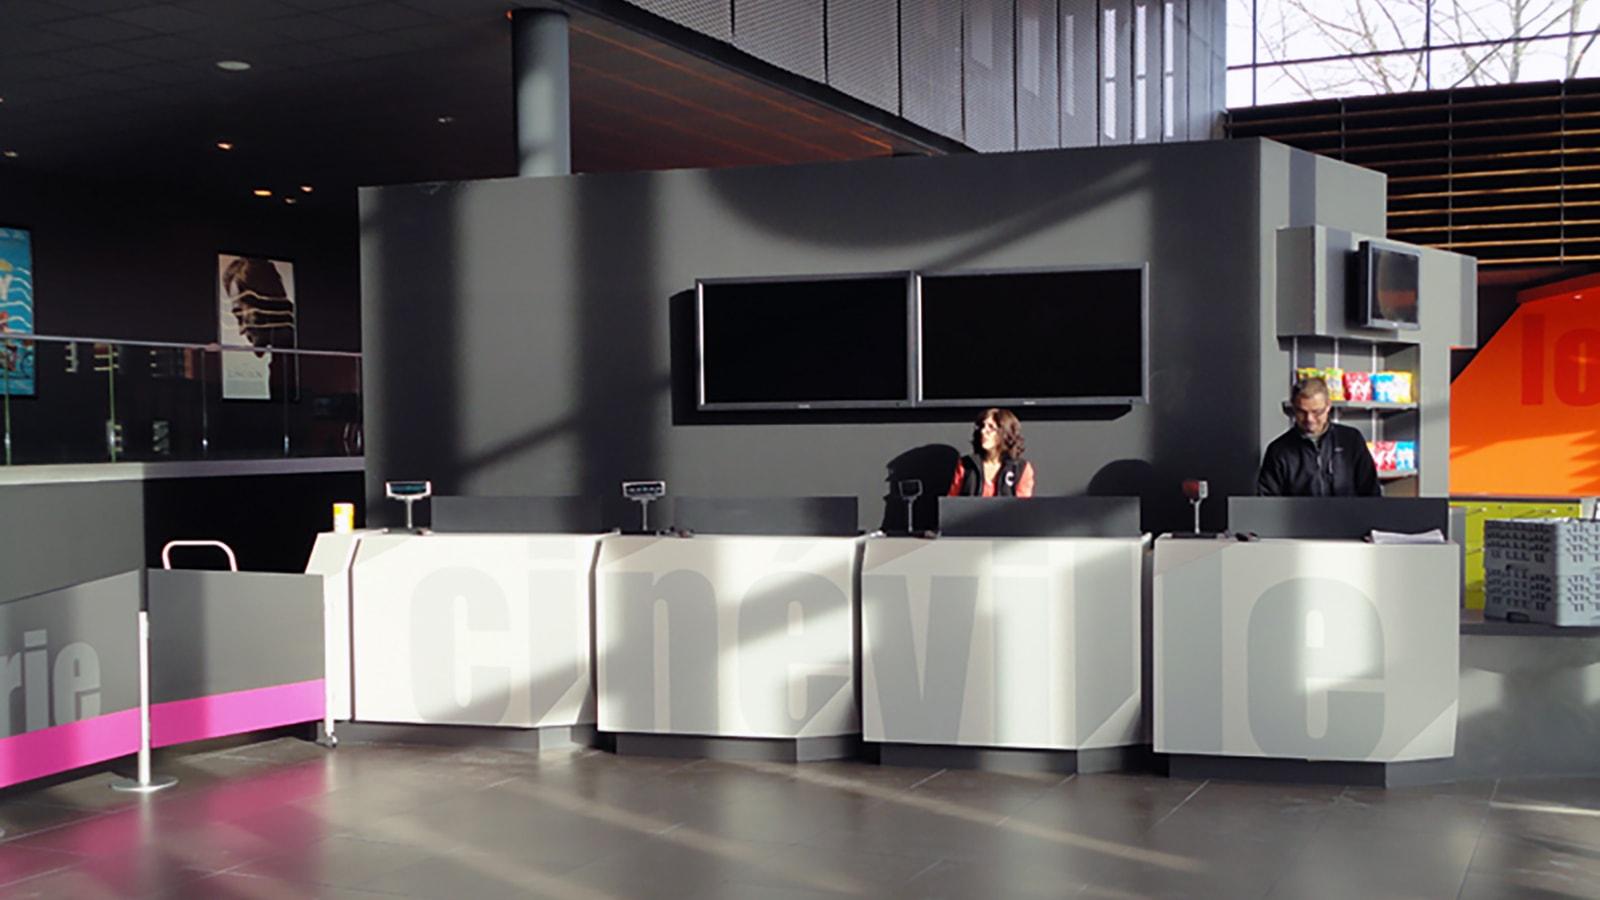 EFI Design Cineville Quimper Efi Design (1) 1122